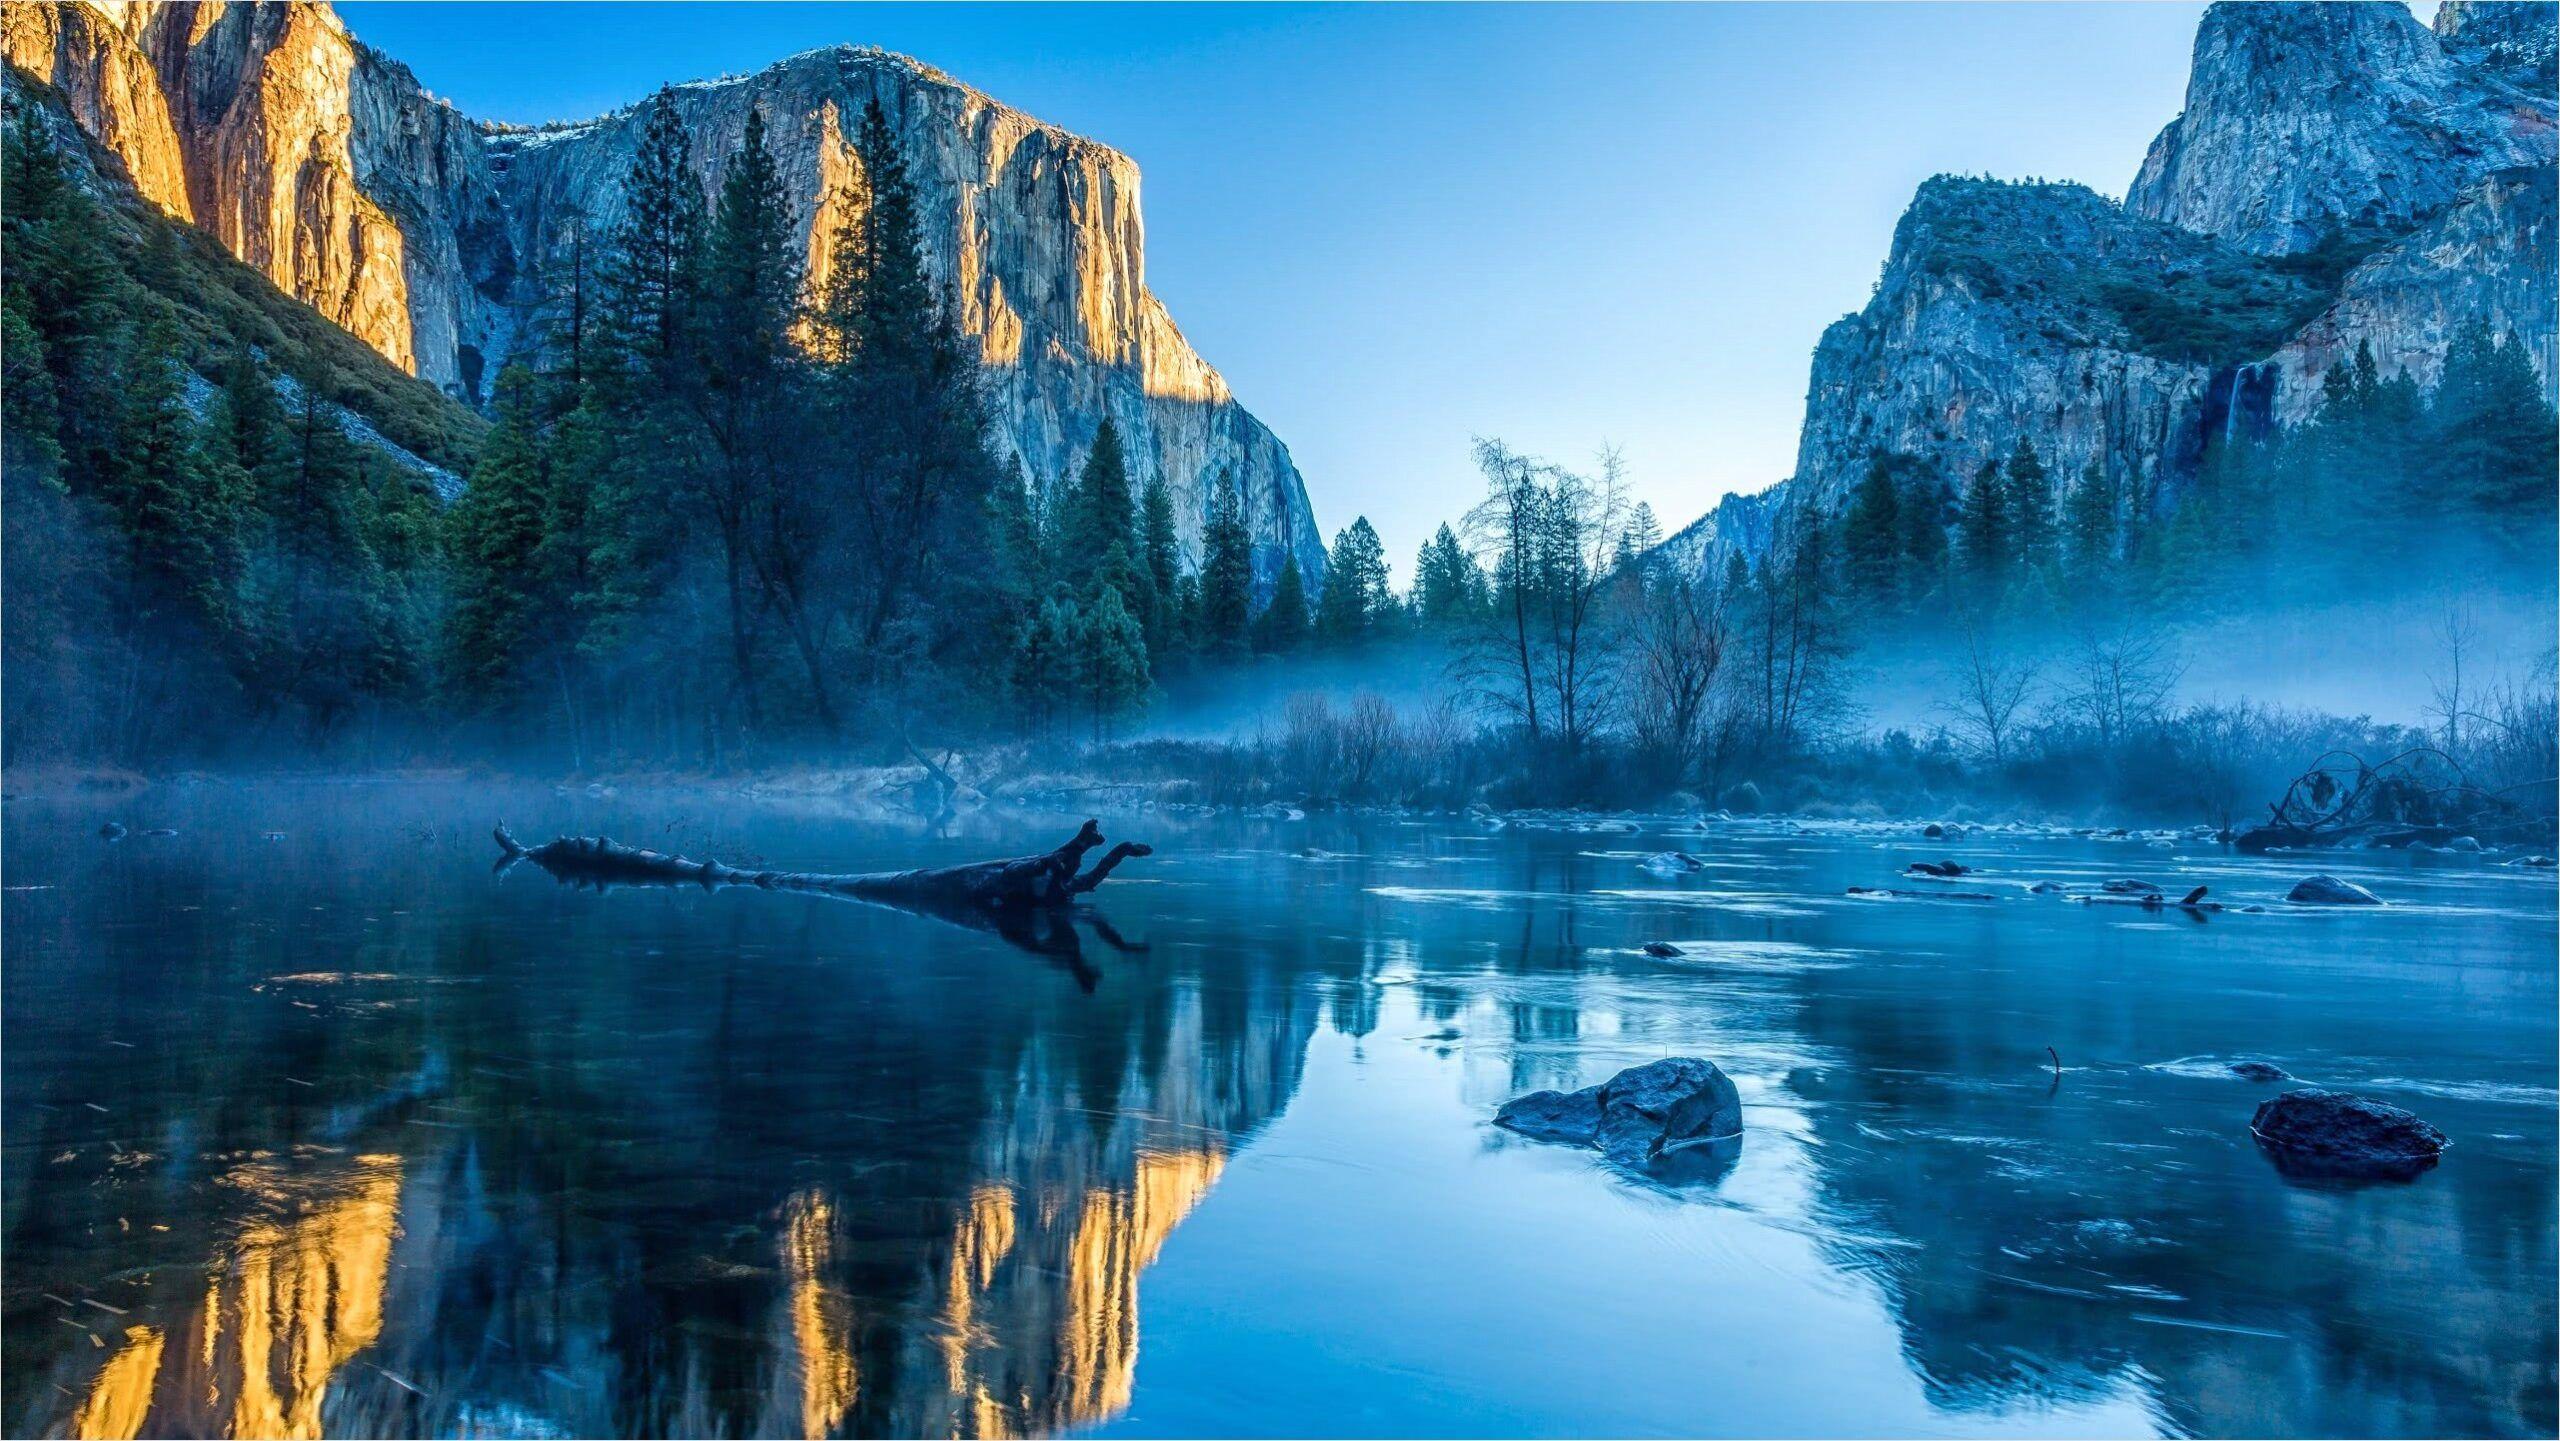 2560 215 1440 4k Washington State Wallpaper In 2020 Yosemite Wallpaper Yosemite Valley Yosemite